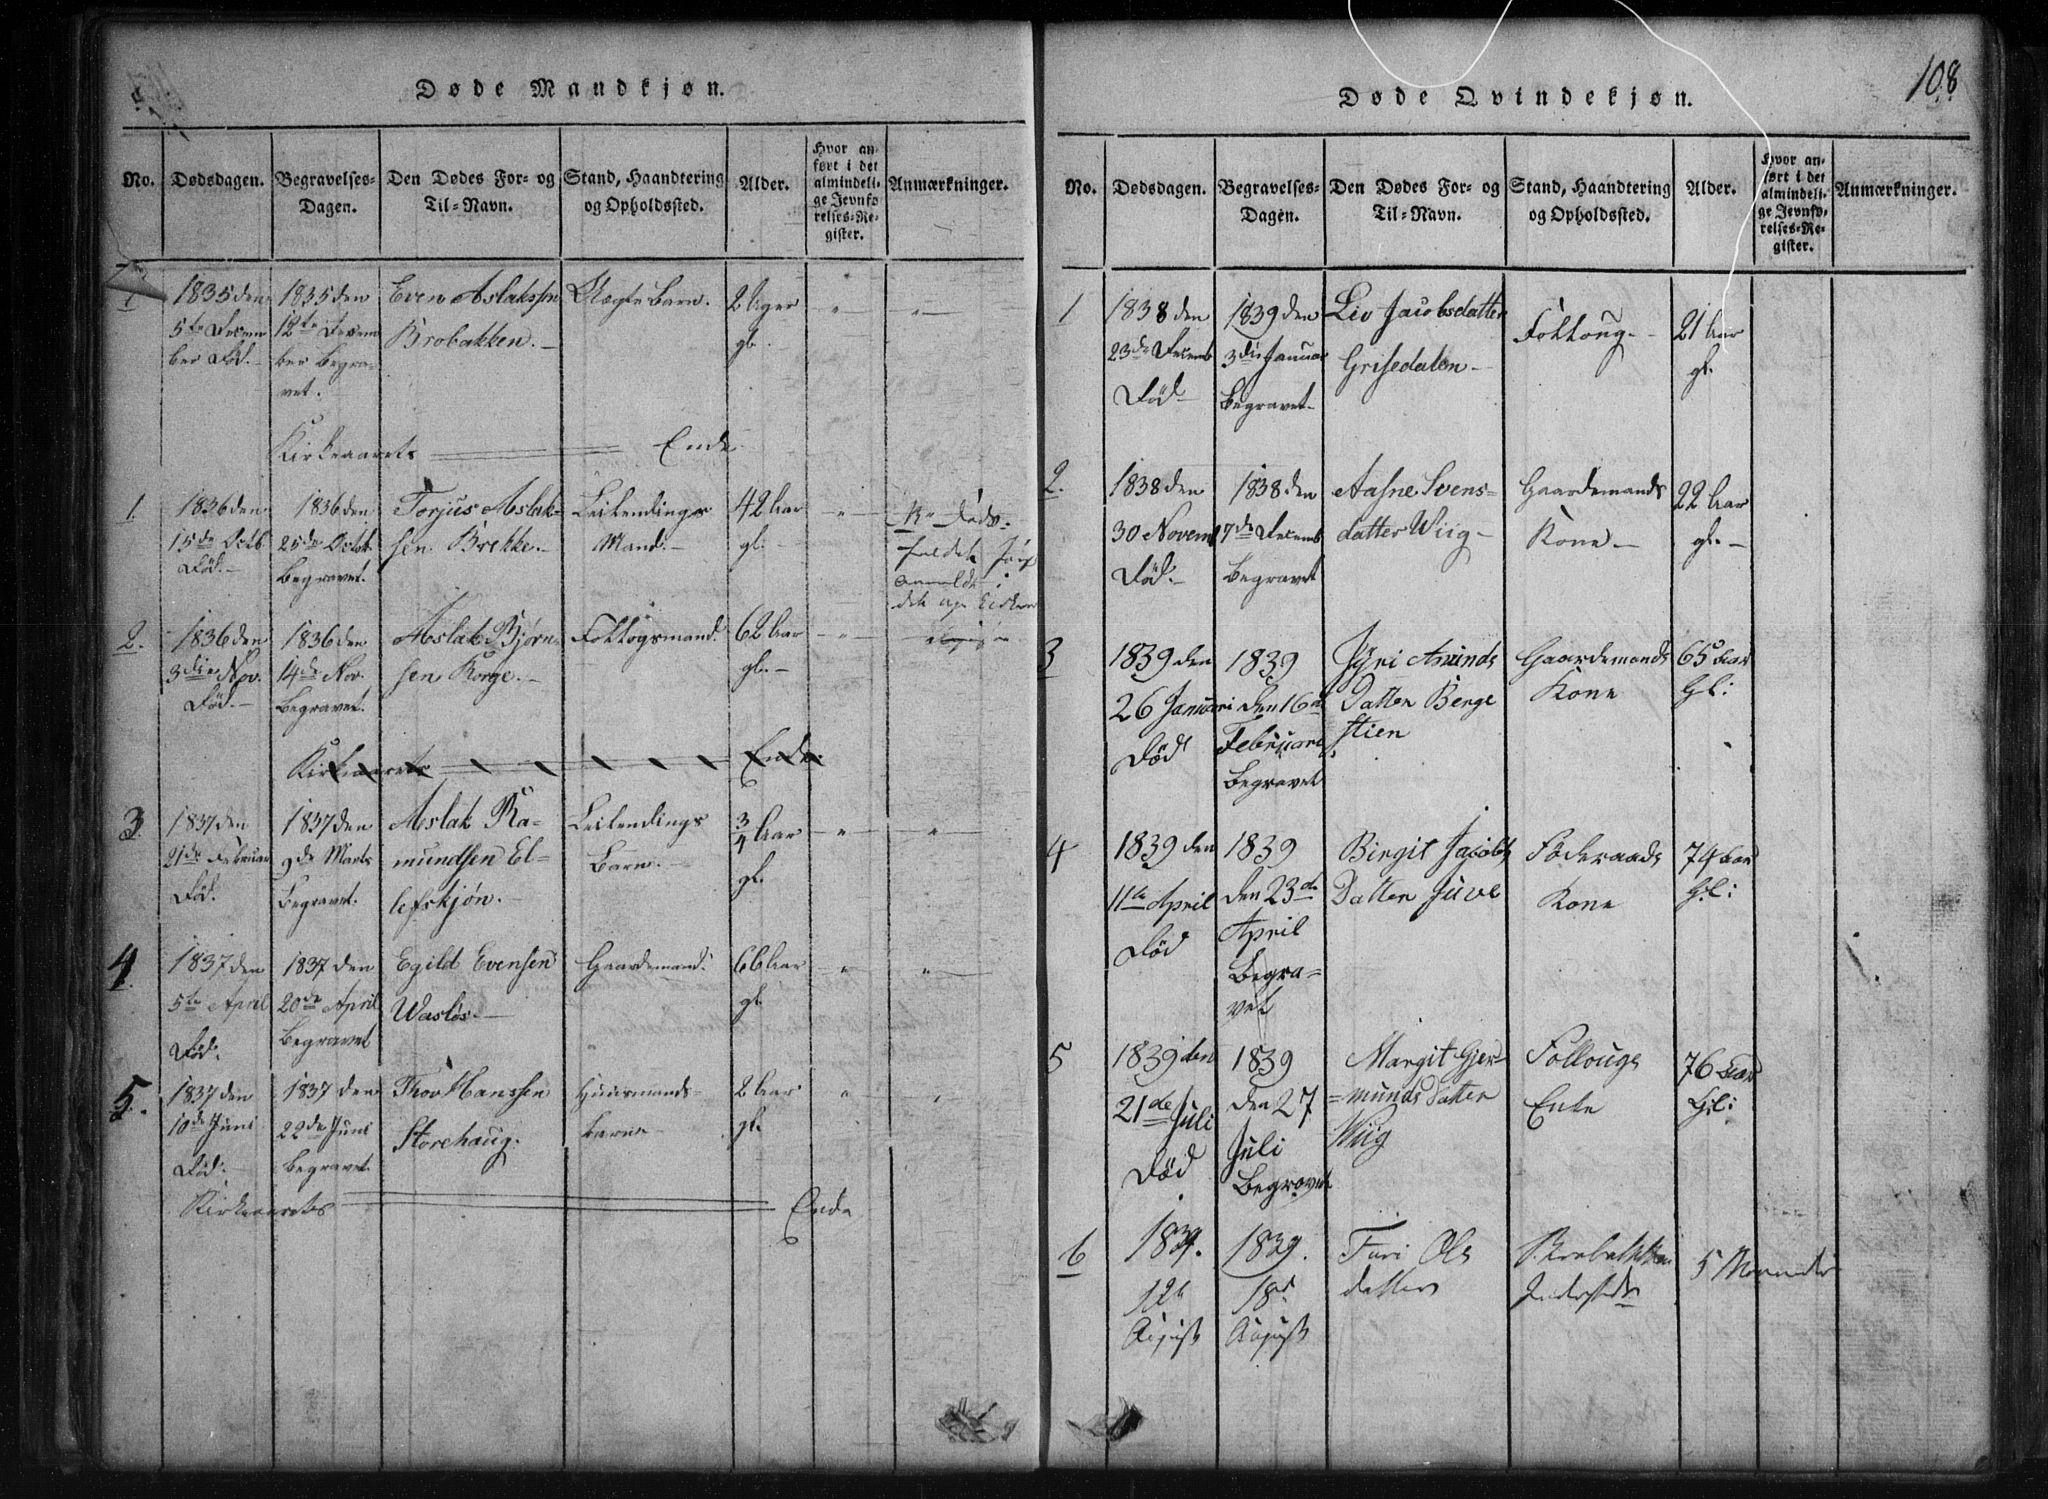 SAKO, Rauland kirkebøker, G/Gb/L0001: Klokkerbok nr. II 1, 1815-1886, s. 108